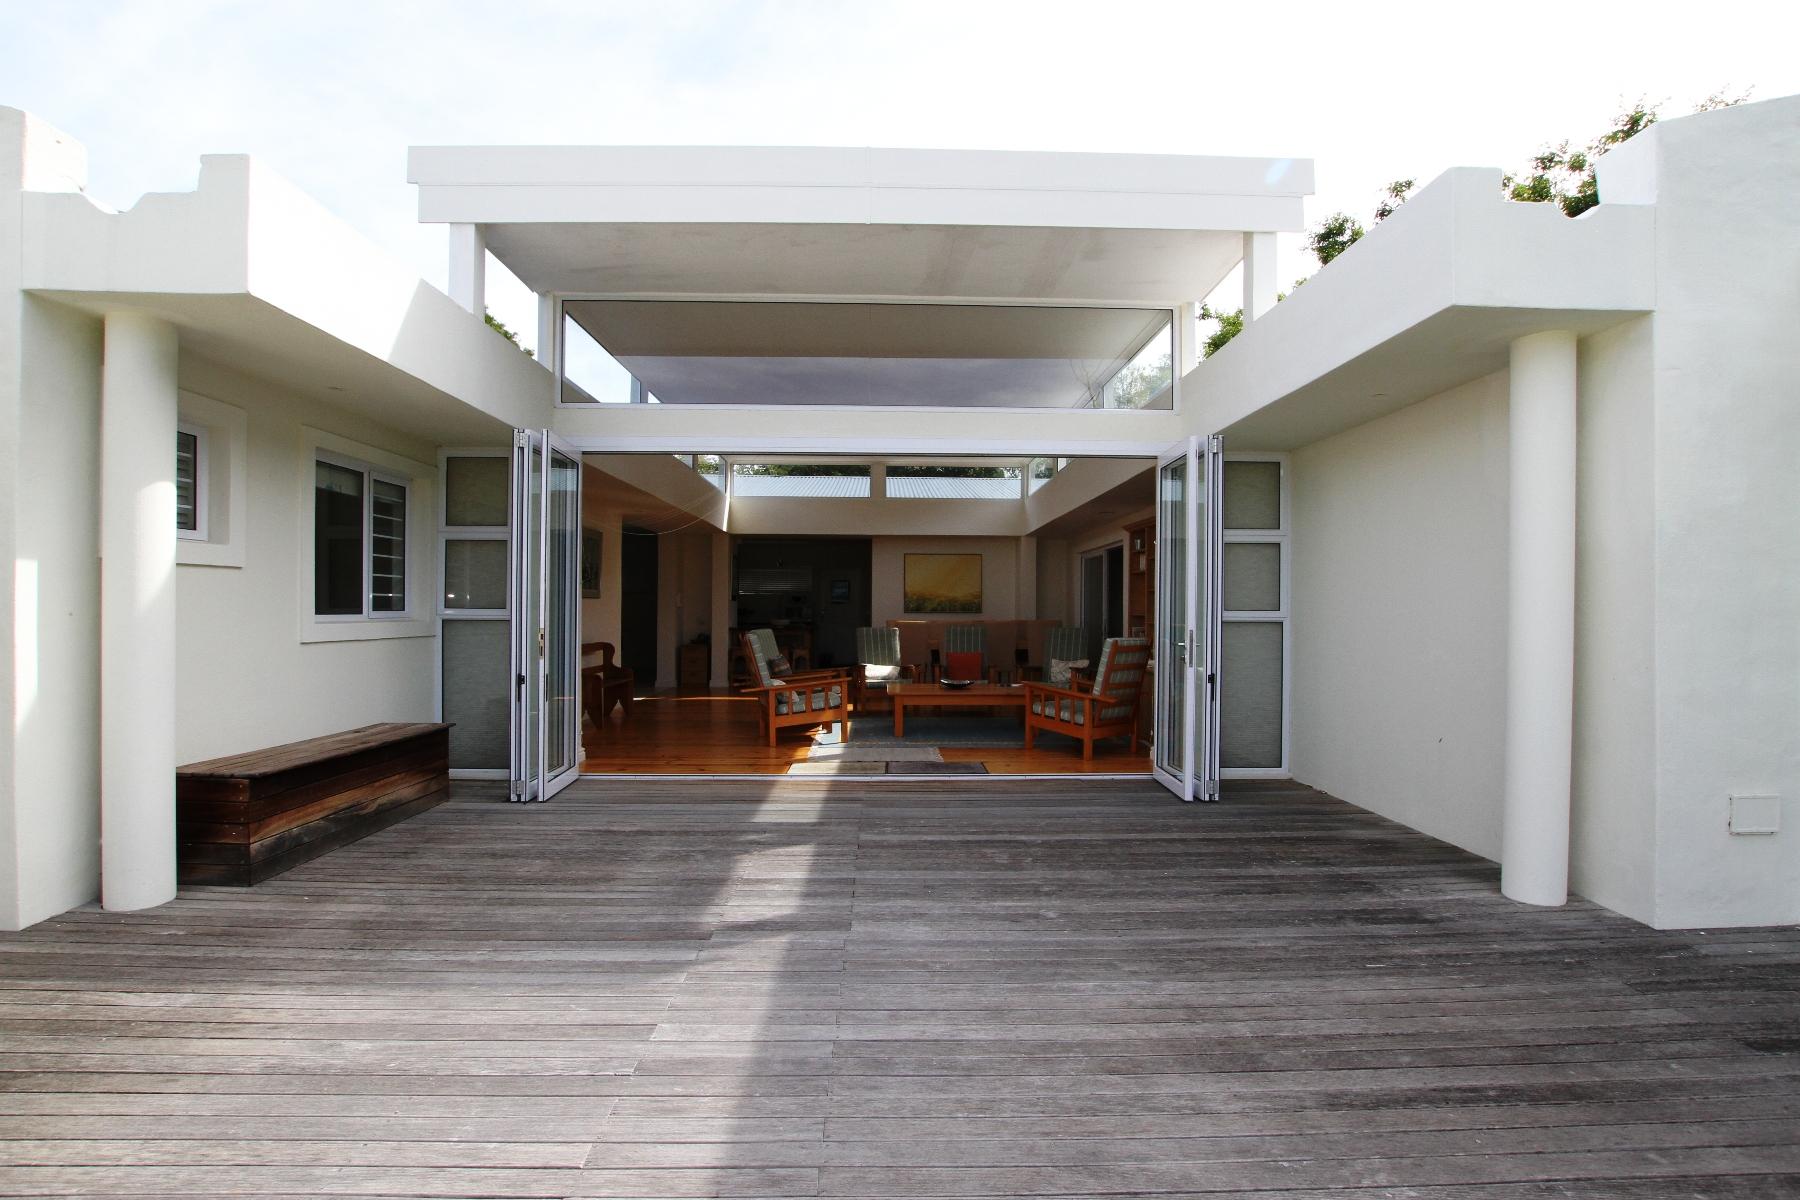 Maison unifamiliale pour l Vente à Poortjies family Home Plettenberg Bay, Cap-Occidental, 6600 Afrique Du Sud